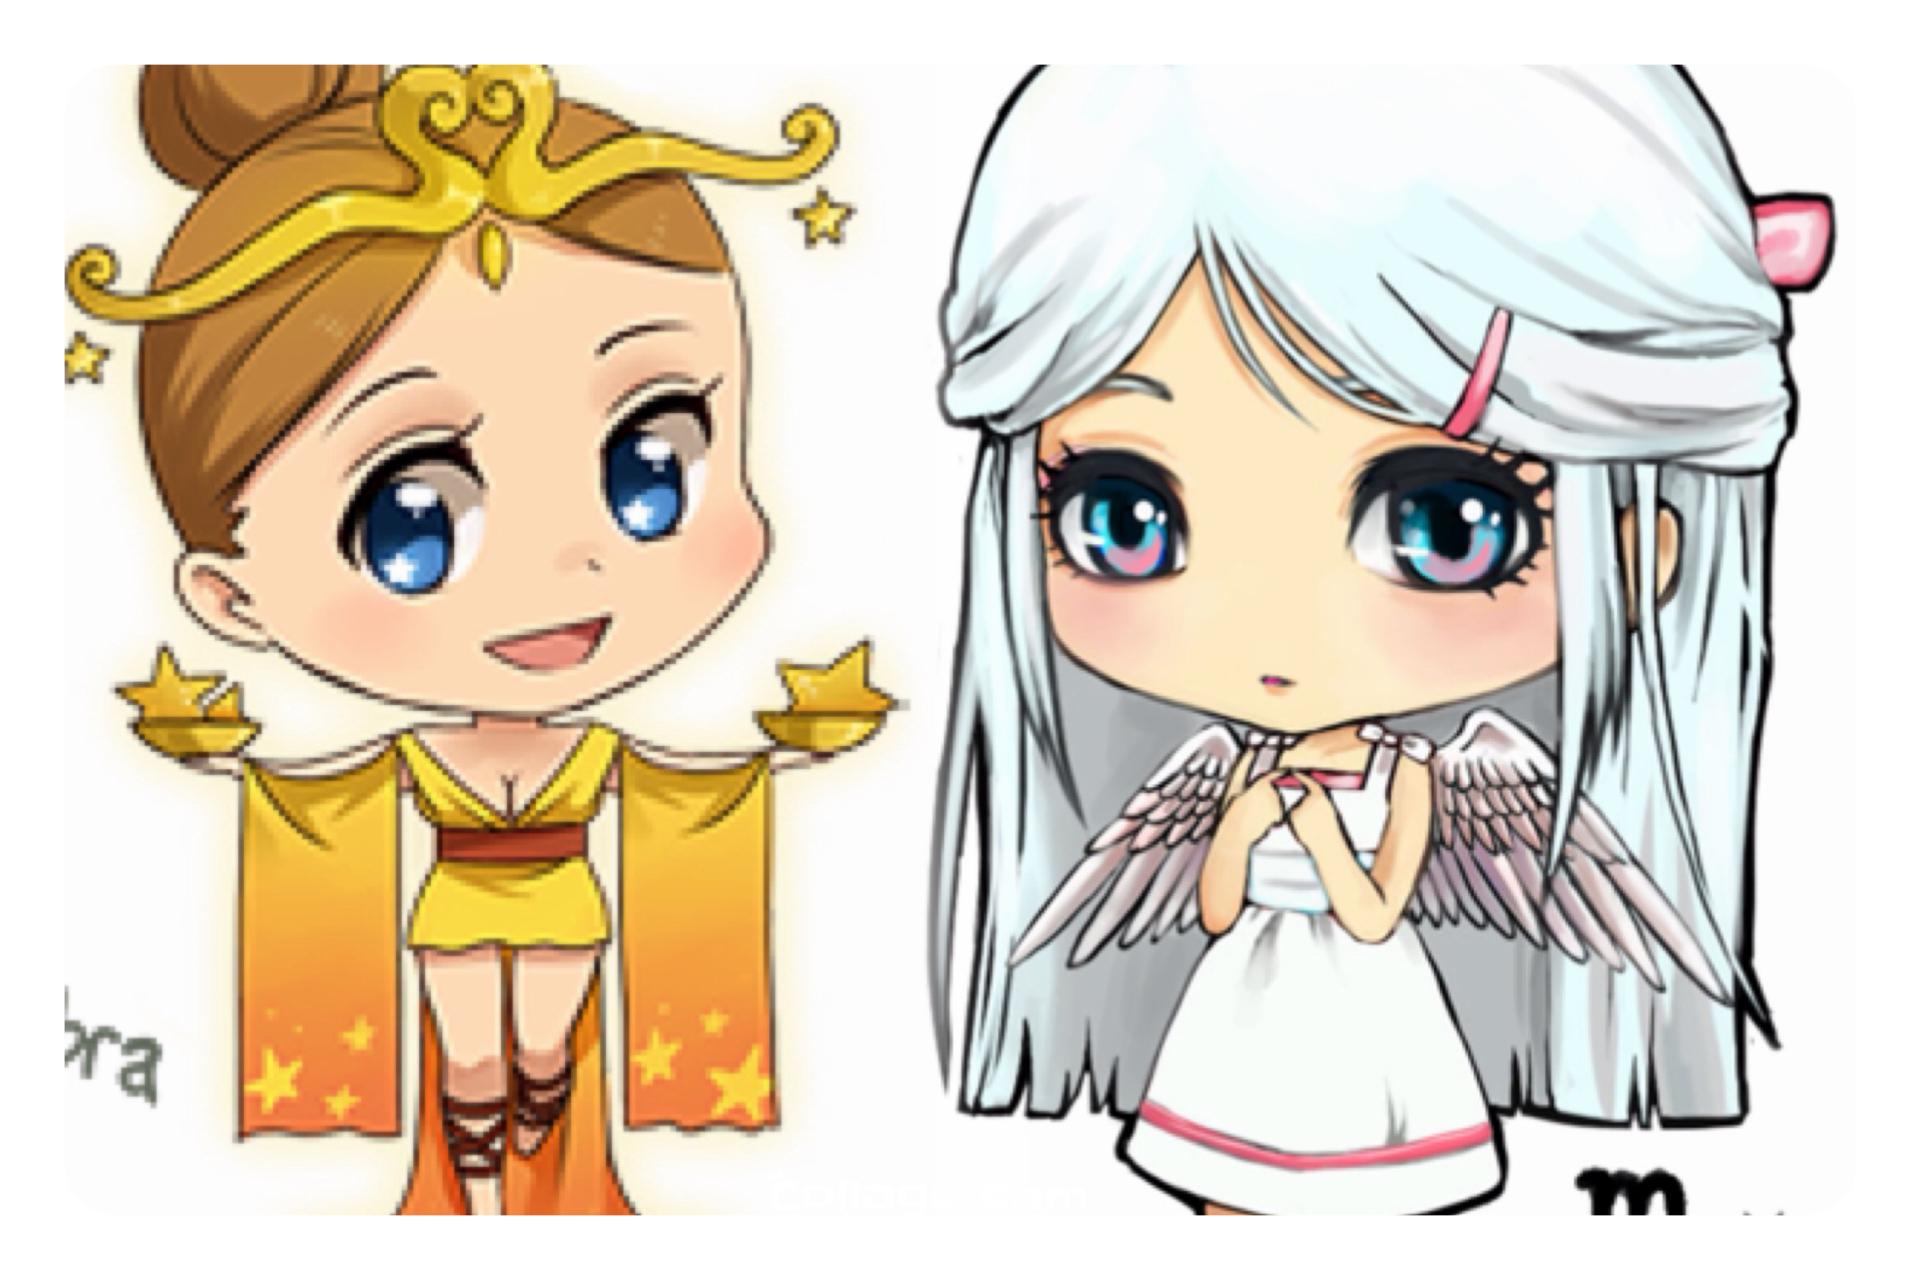 Điểm mặt cặp đôi cung hoàng đạo 'trời sinh', ra đời là để dành cho nhau: Cặp Thiên Bình- Bảo Bình...